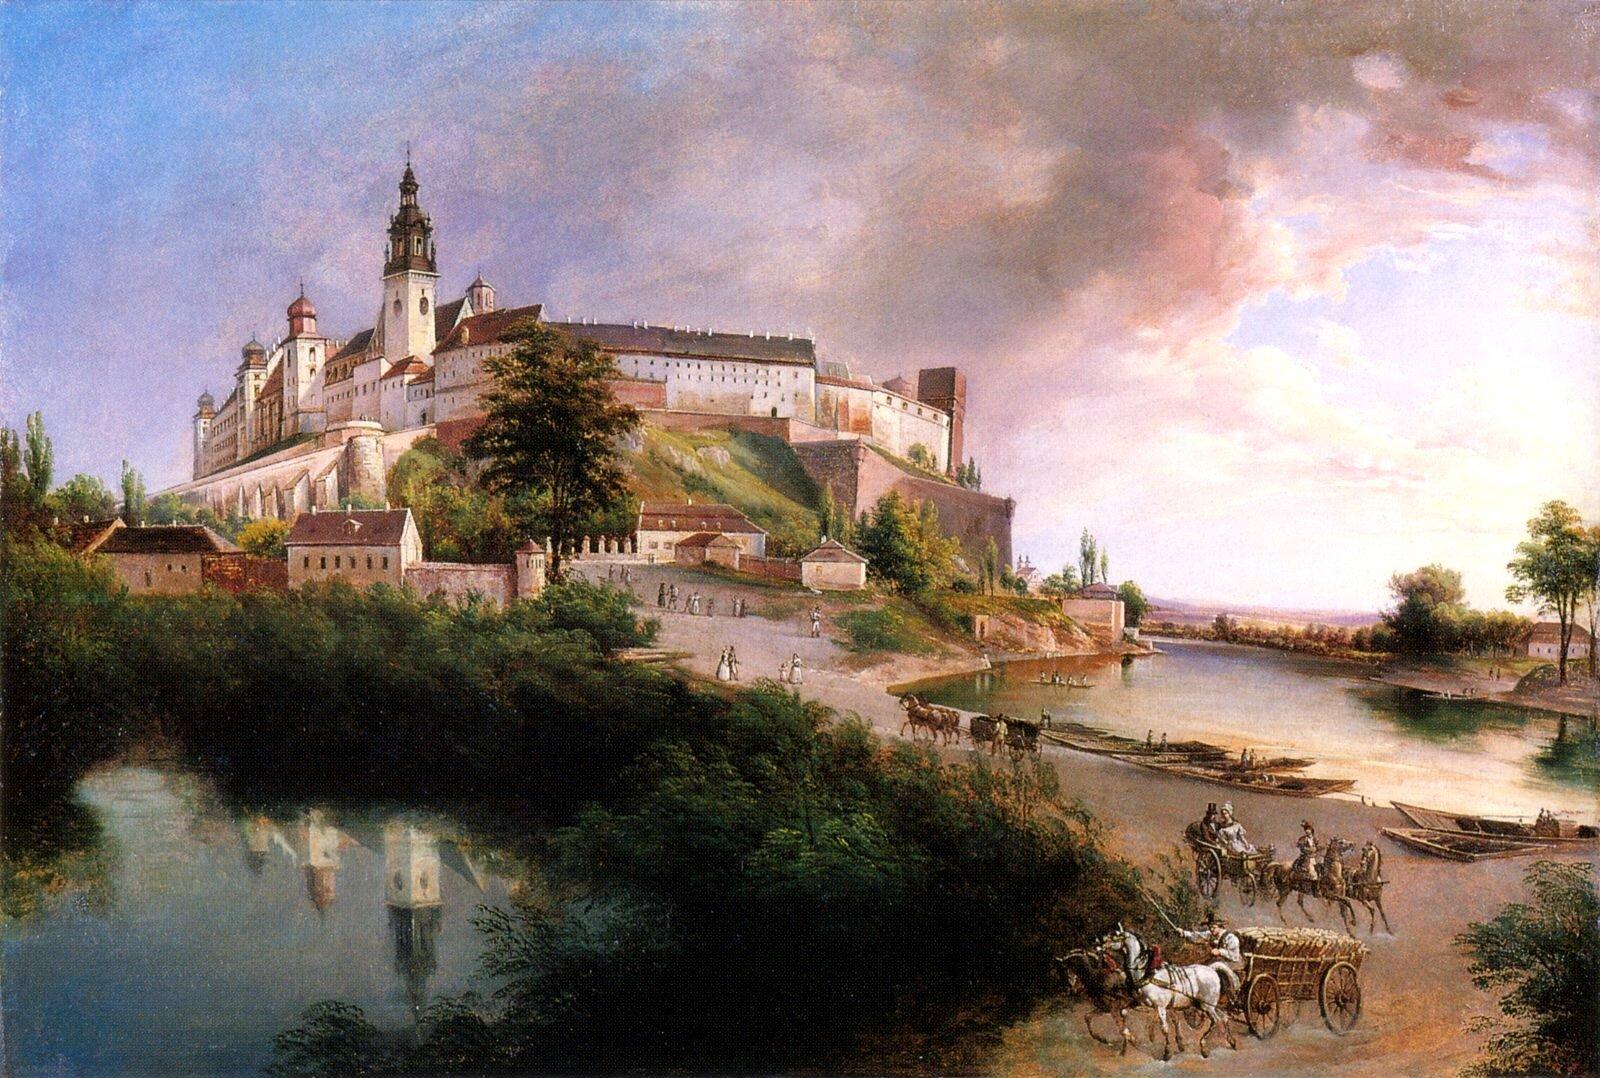 Widok na Wawel Źródło: Jan Nepomucen Głowacki, Widok na Wawel, ok. 1847, olej na papierze, domena publiczna.